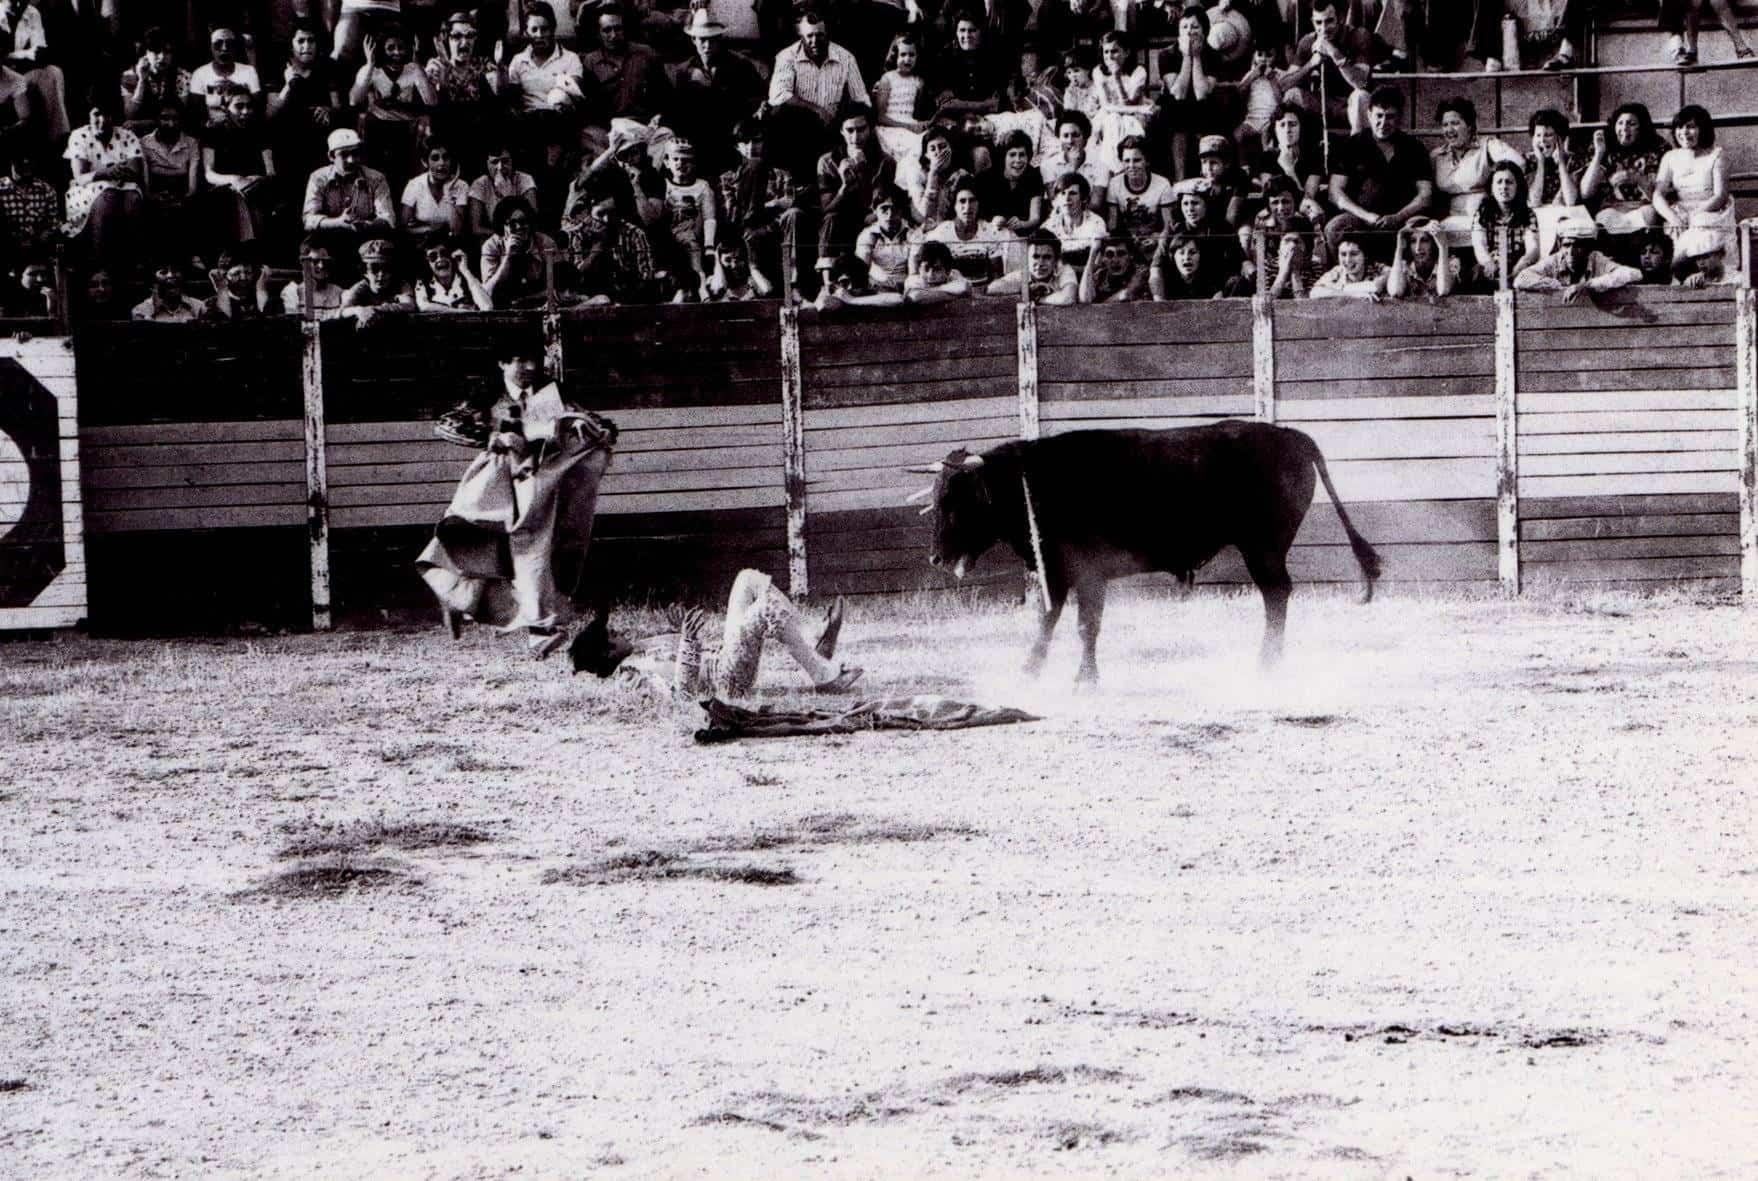 corrida de toros feria 1976 herencia 2 - Fotografías antiguas de Carnaval y Feria de Herencia de 1976